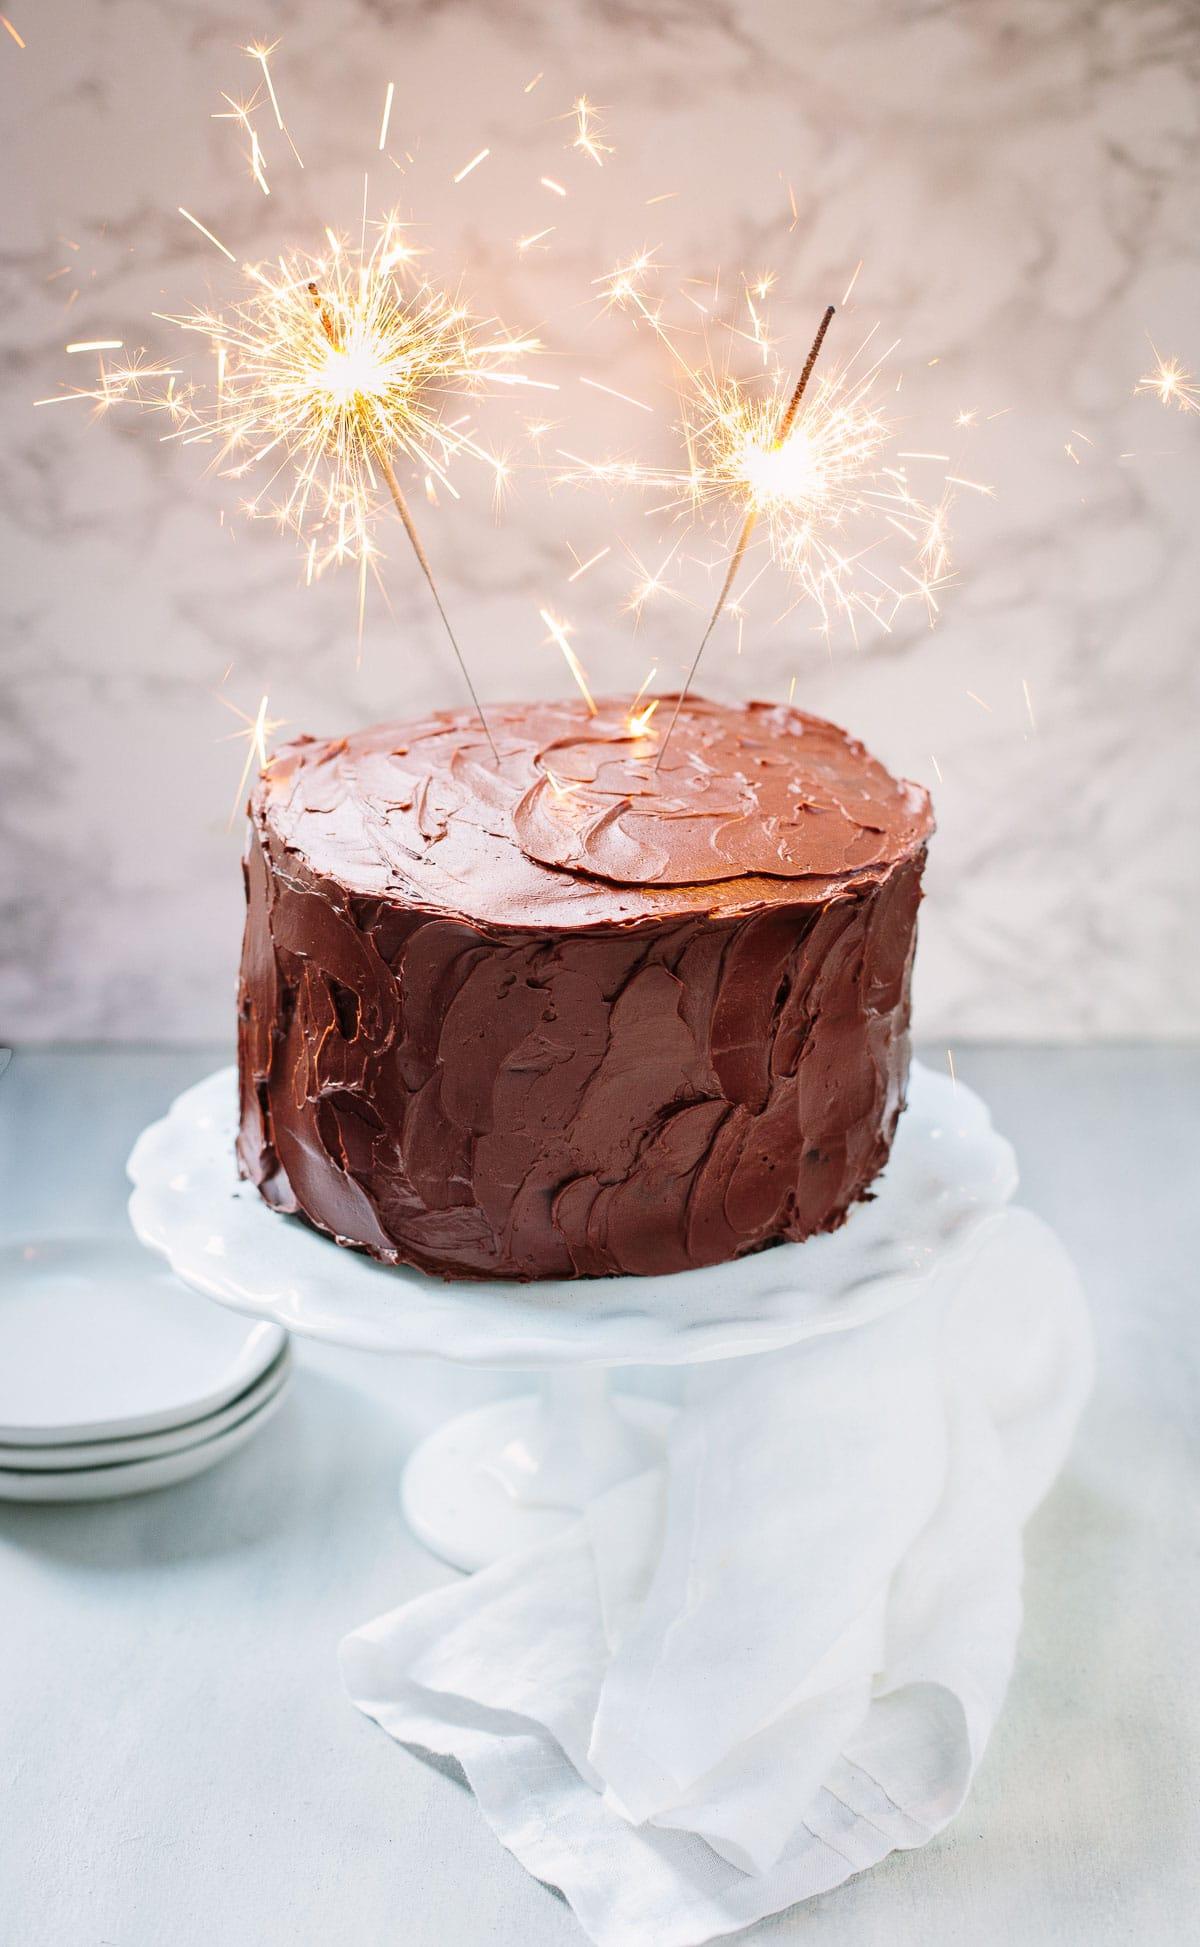 Chocolate Birthday Cake with Chocolate Ganache